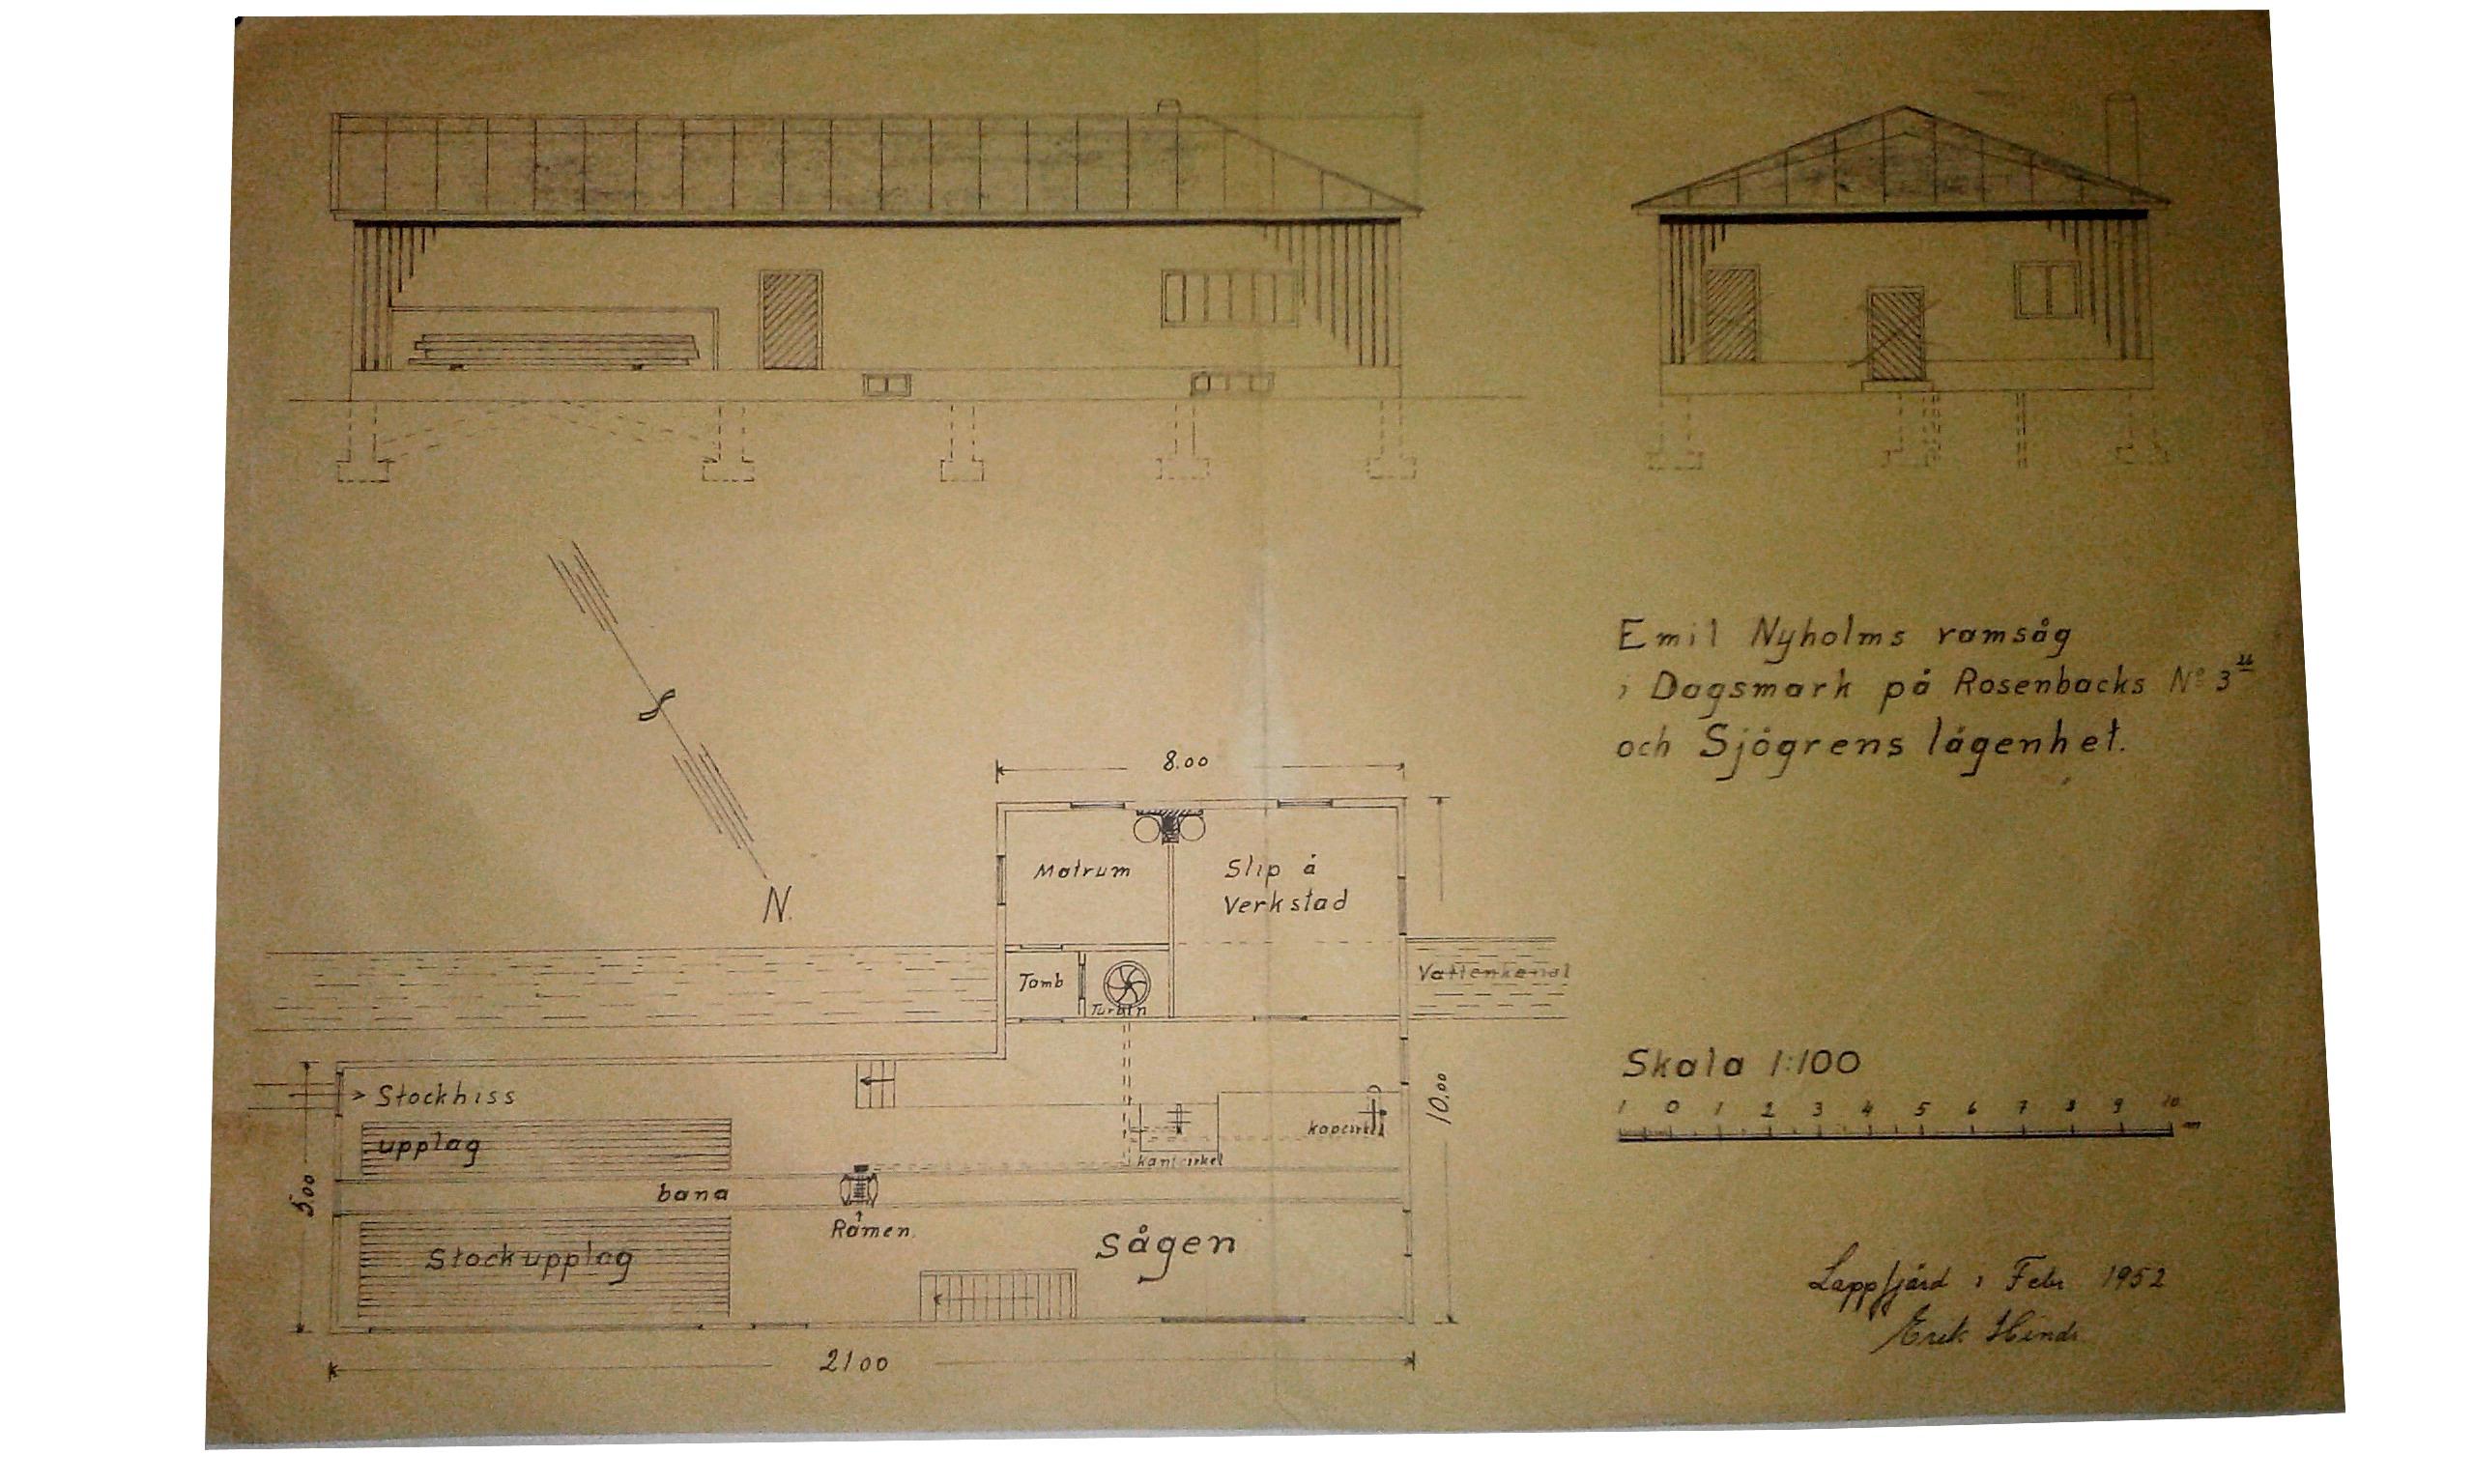 """I februari 1952 gjorde byggmästaren Erik Hinds denna ritning till Emil Nyholms nya sågbyggnad. Byggnadsnämnden i Lappfjärd godkände ritningarna och ordföranden Gunnar Gröndahl skrev kort och gott """"Godkänd"""" på baksidan av ritningen."""